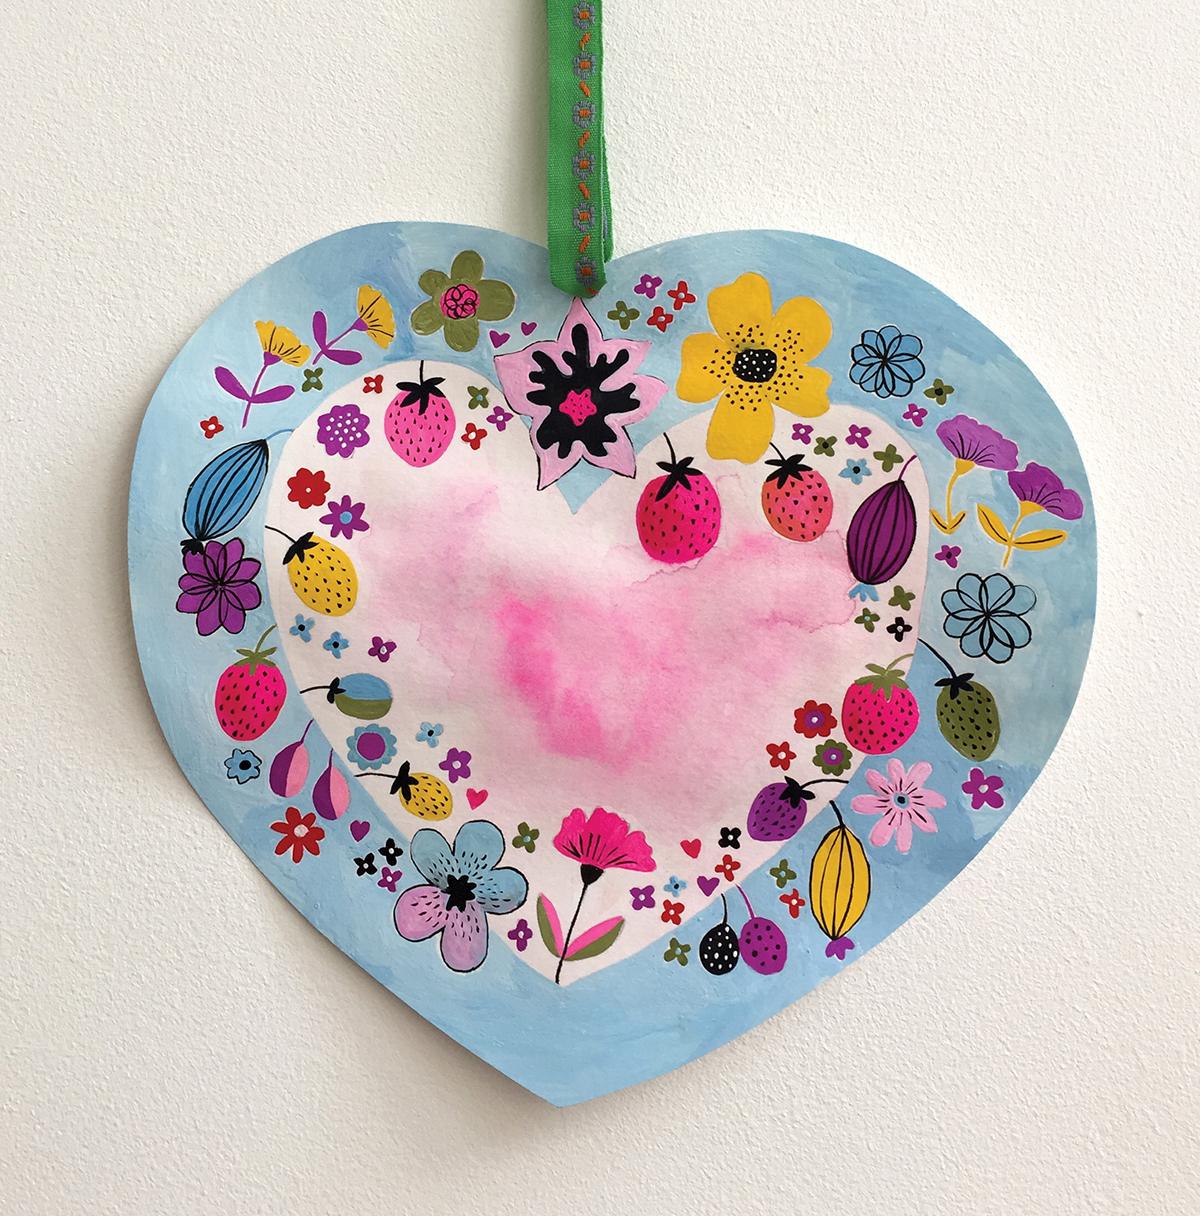 Painted Heart, Creative Folk Art & Beyond, client:Quarto  Walter Foster.jpg